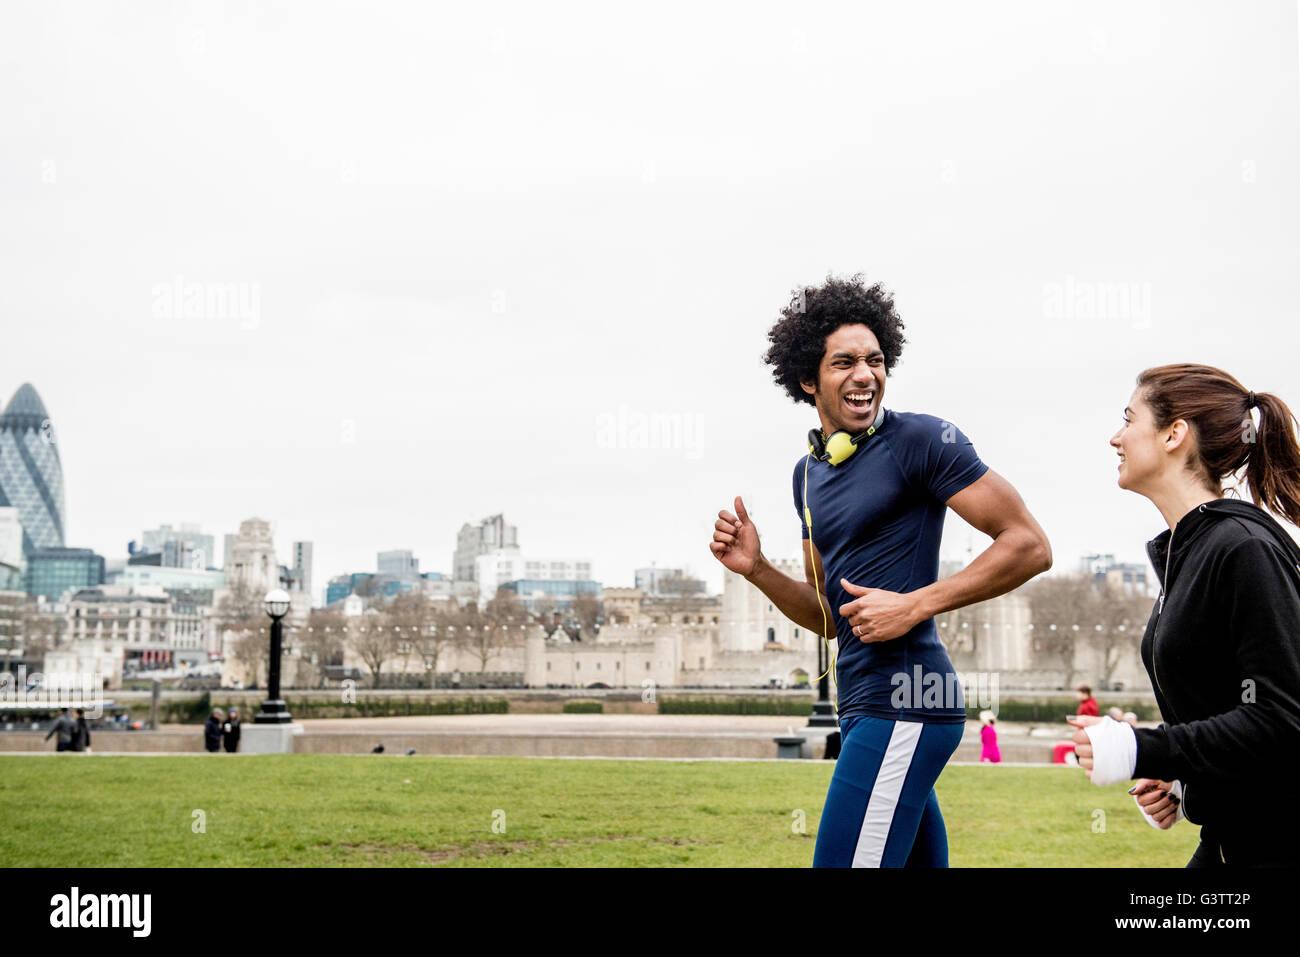 Una giovane coppia jogging insieme passato il Tower Bridge di Londra. Immagini Stock